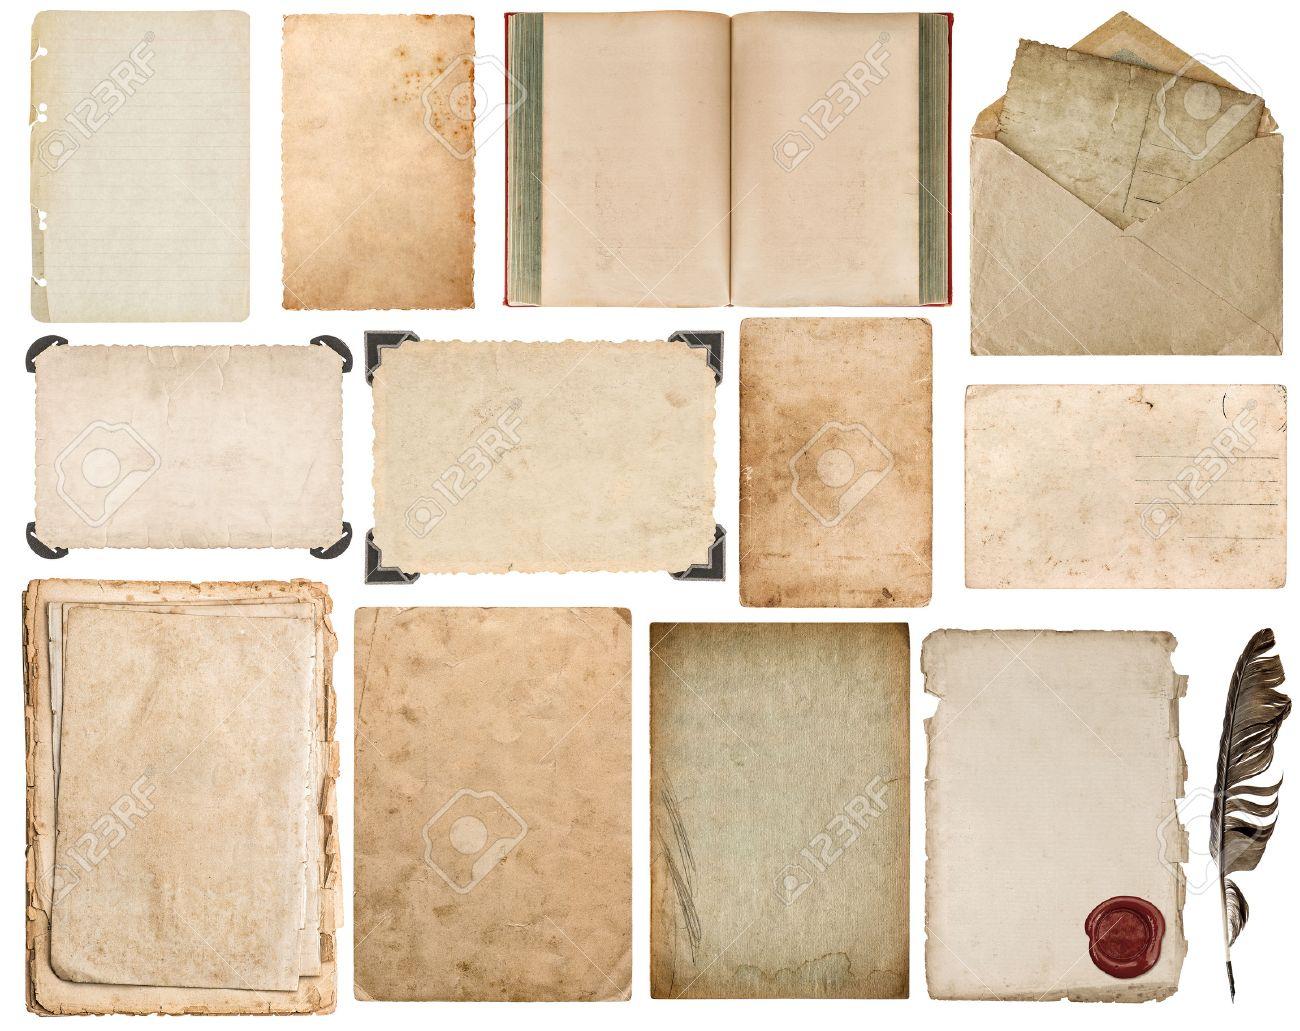 Blatt Papier, Buch, Umschlag, Karton, Fotorahmen Mit Ecke Auf Weißem ...